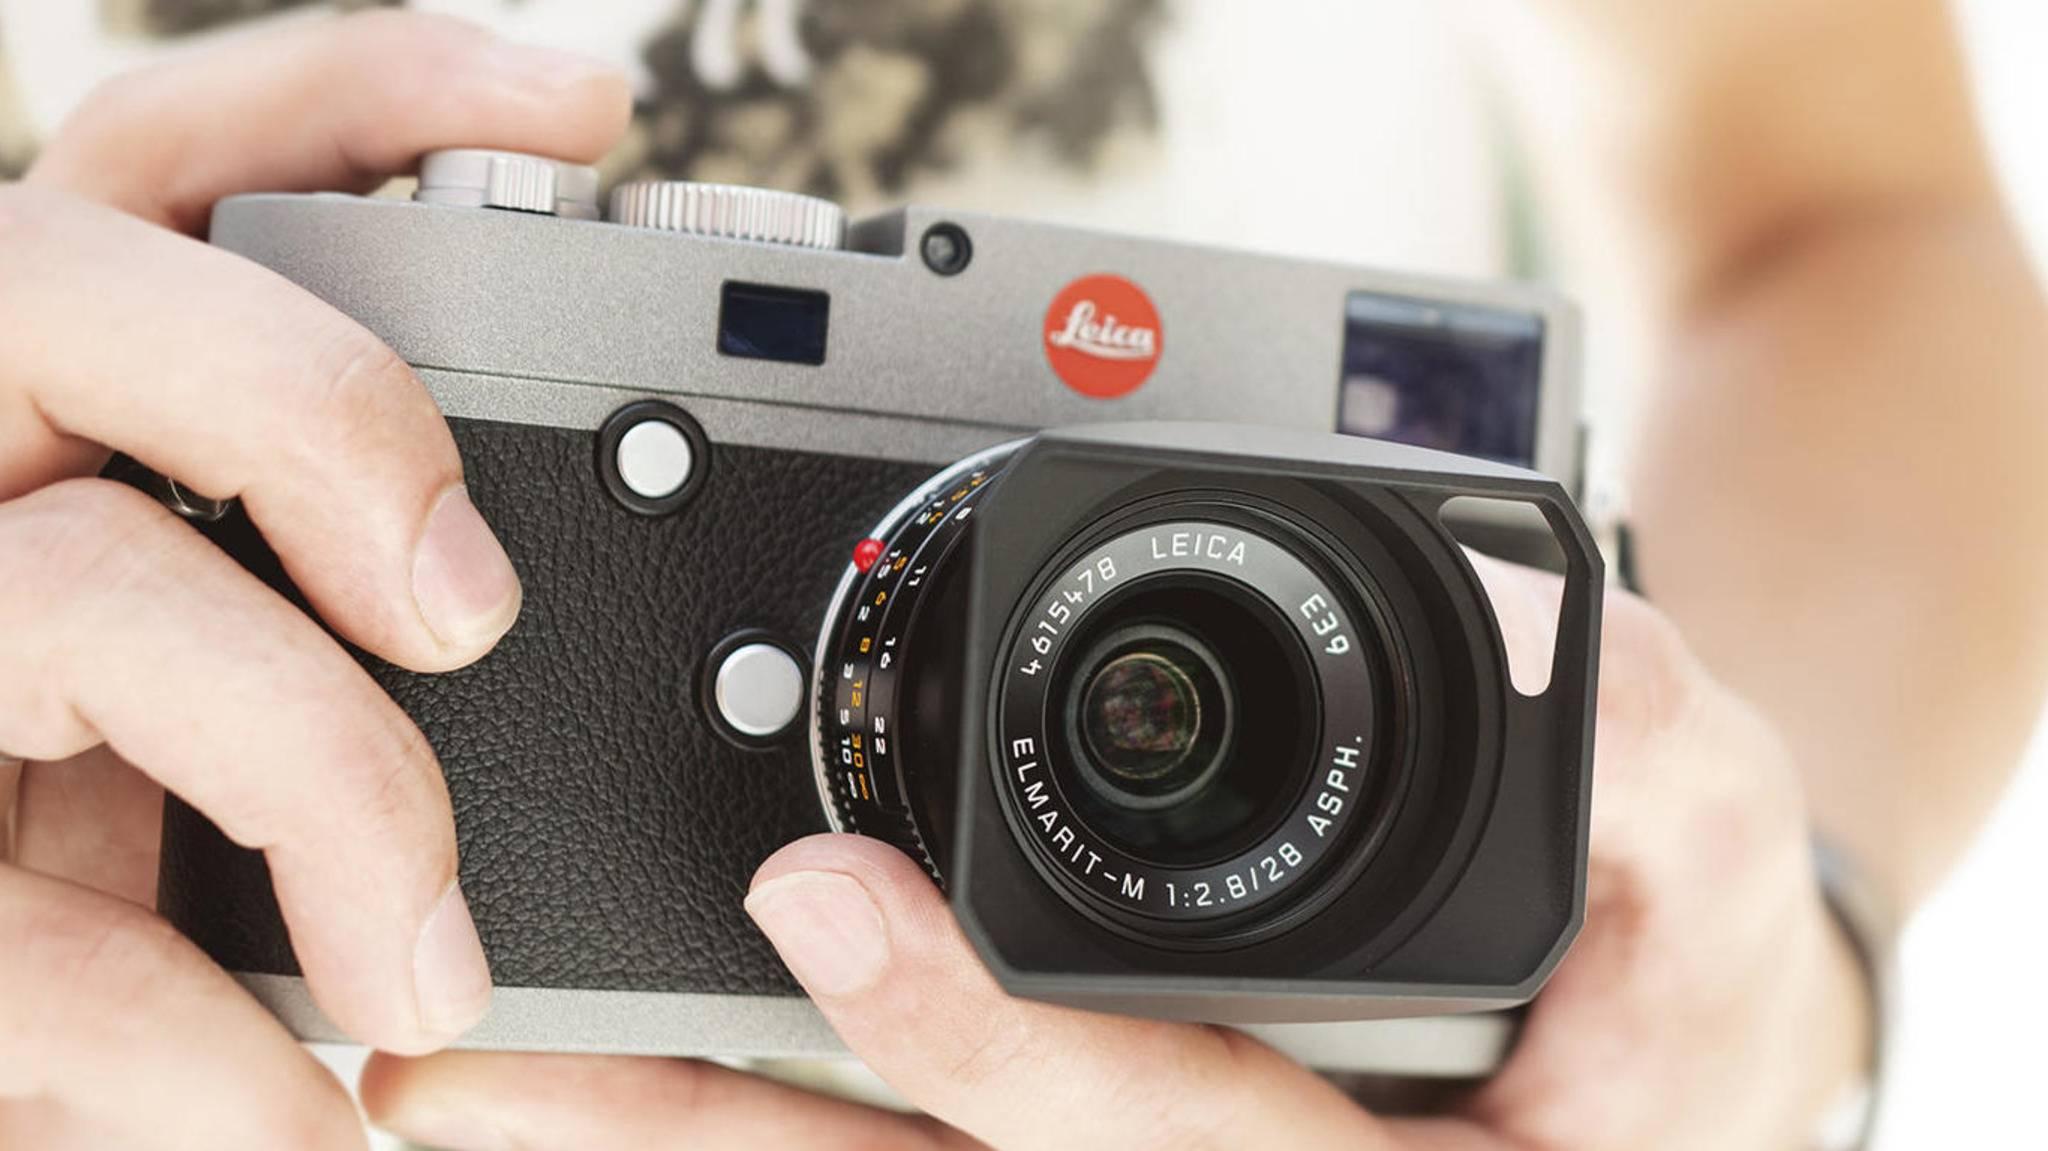 Die Leica M-E ist eine kompakte Messsucherkamera mit einem großen Sensor.